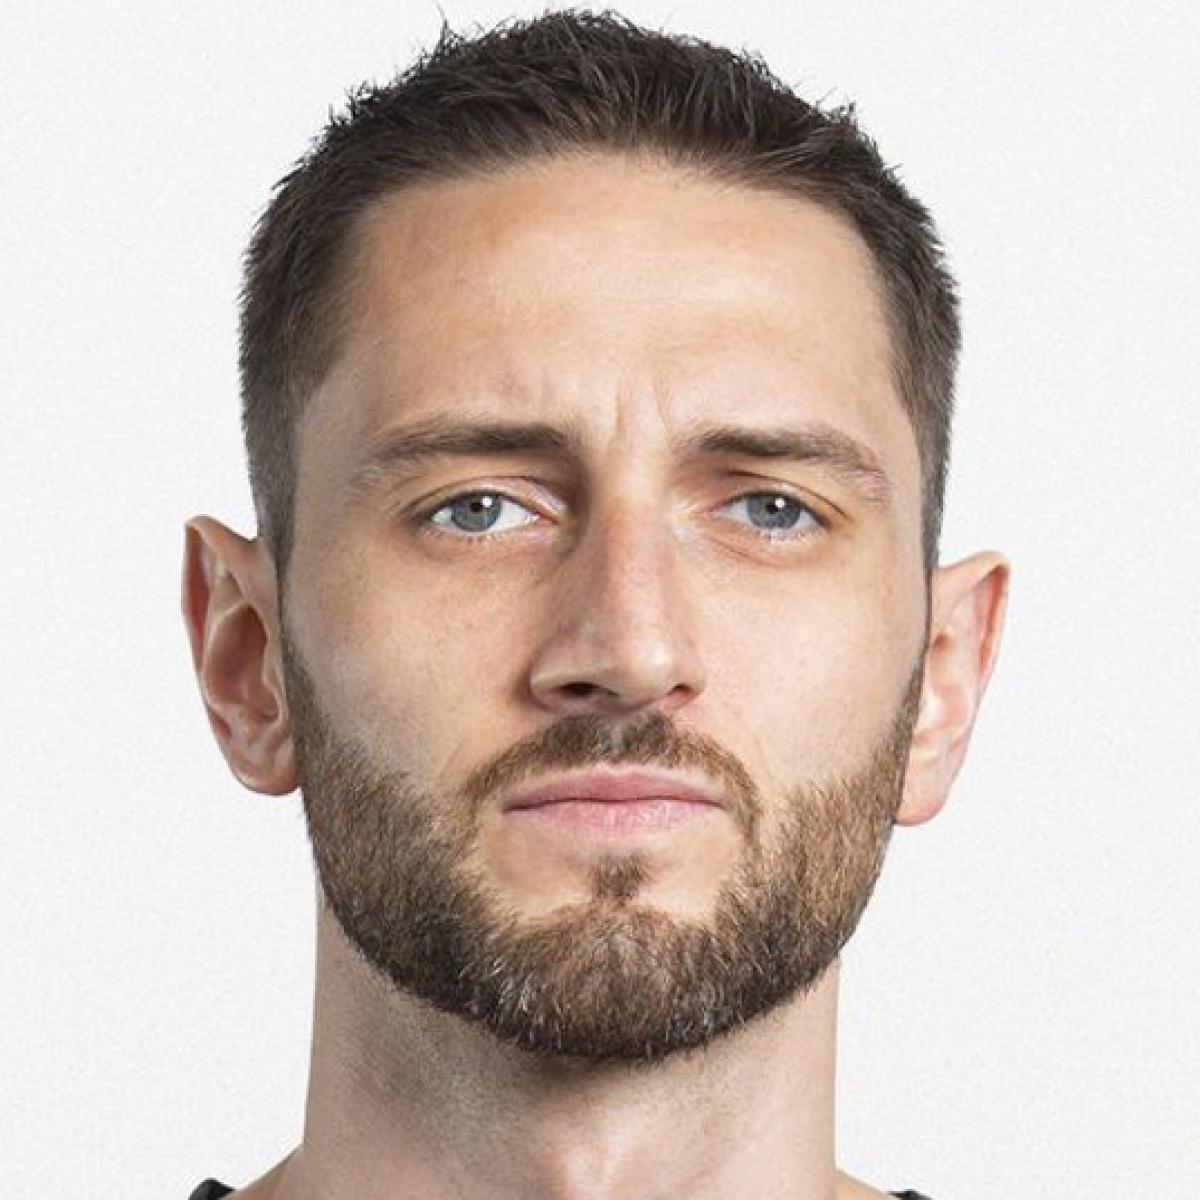 Michal Aleksandrowicz